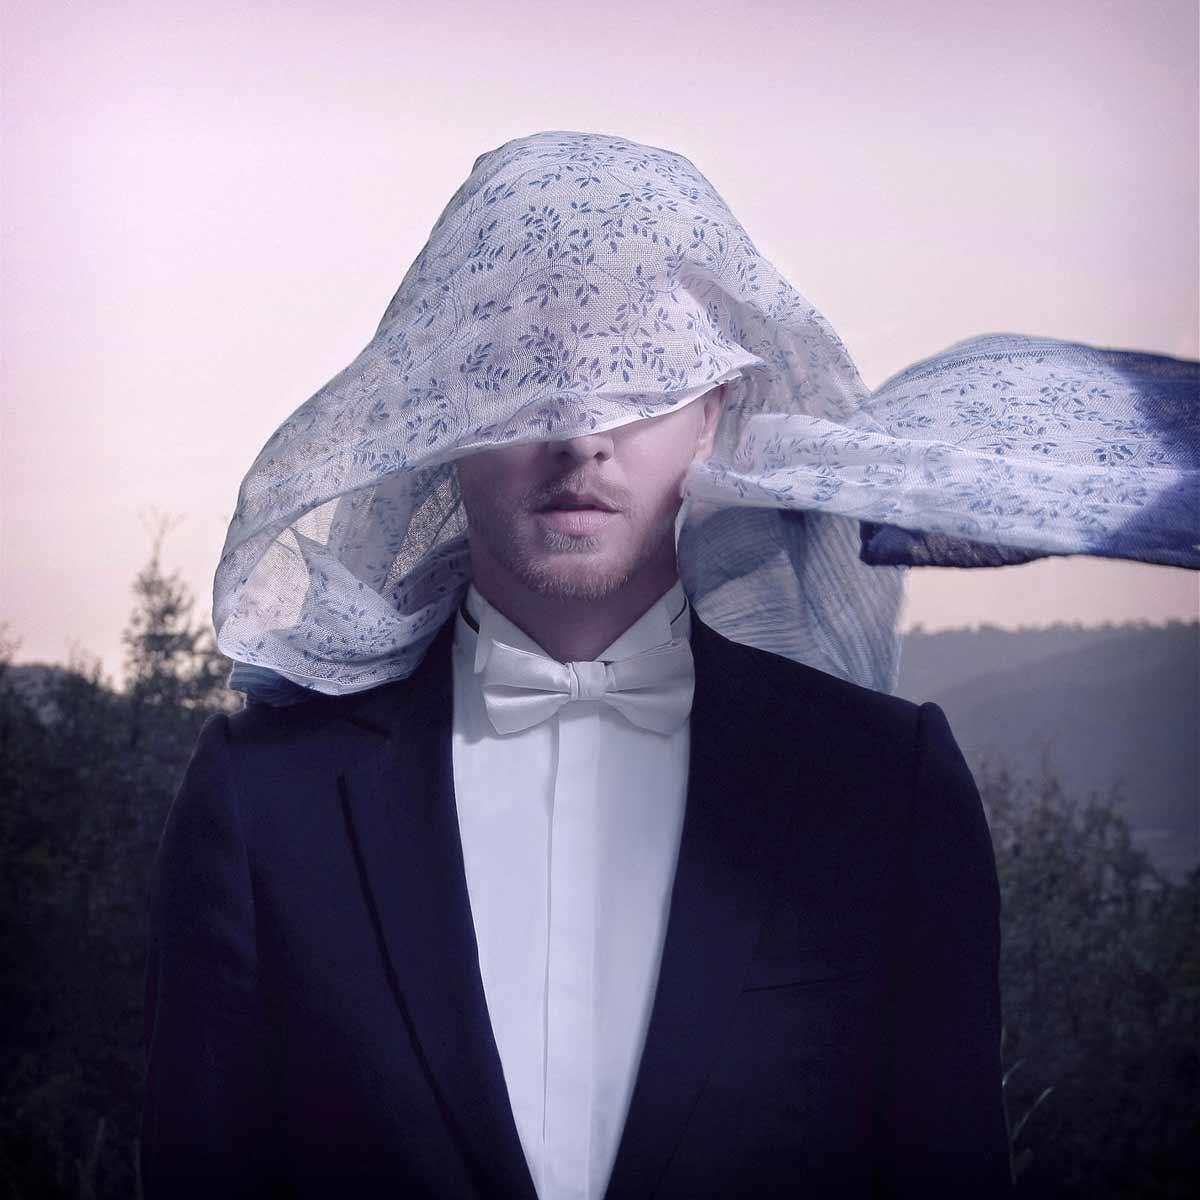 Thierry Amiel masqué d'un foulard inspiré des oeuvres de Magritte © Kevin Amiel